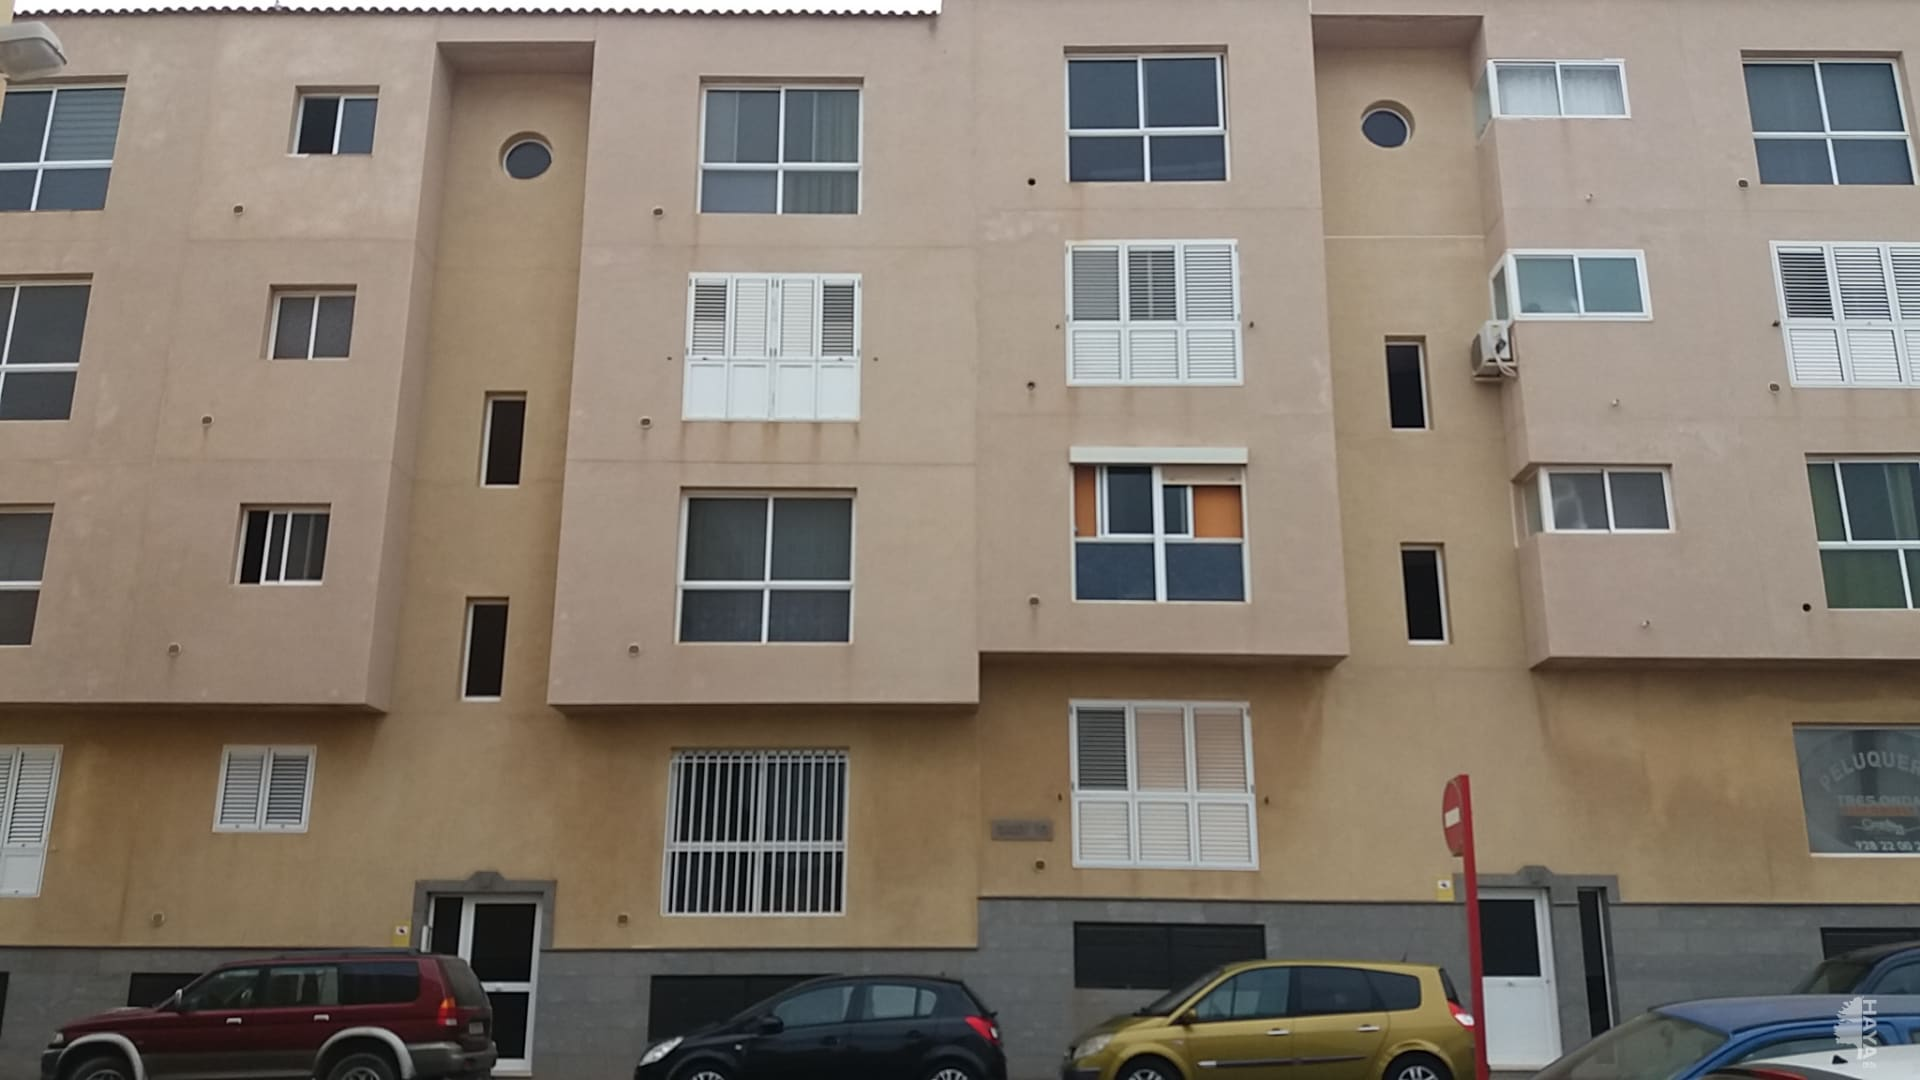 Piso en venta en Sardina, Santa Lucía de Tirajana, Las Palmas, Calle la Malagueña (edif.gady), 115.881 €, 3 habitaciones, 2 baños, 98 m2